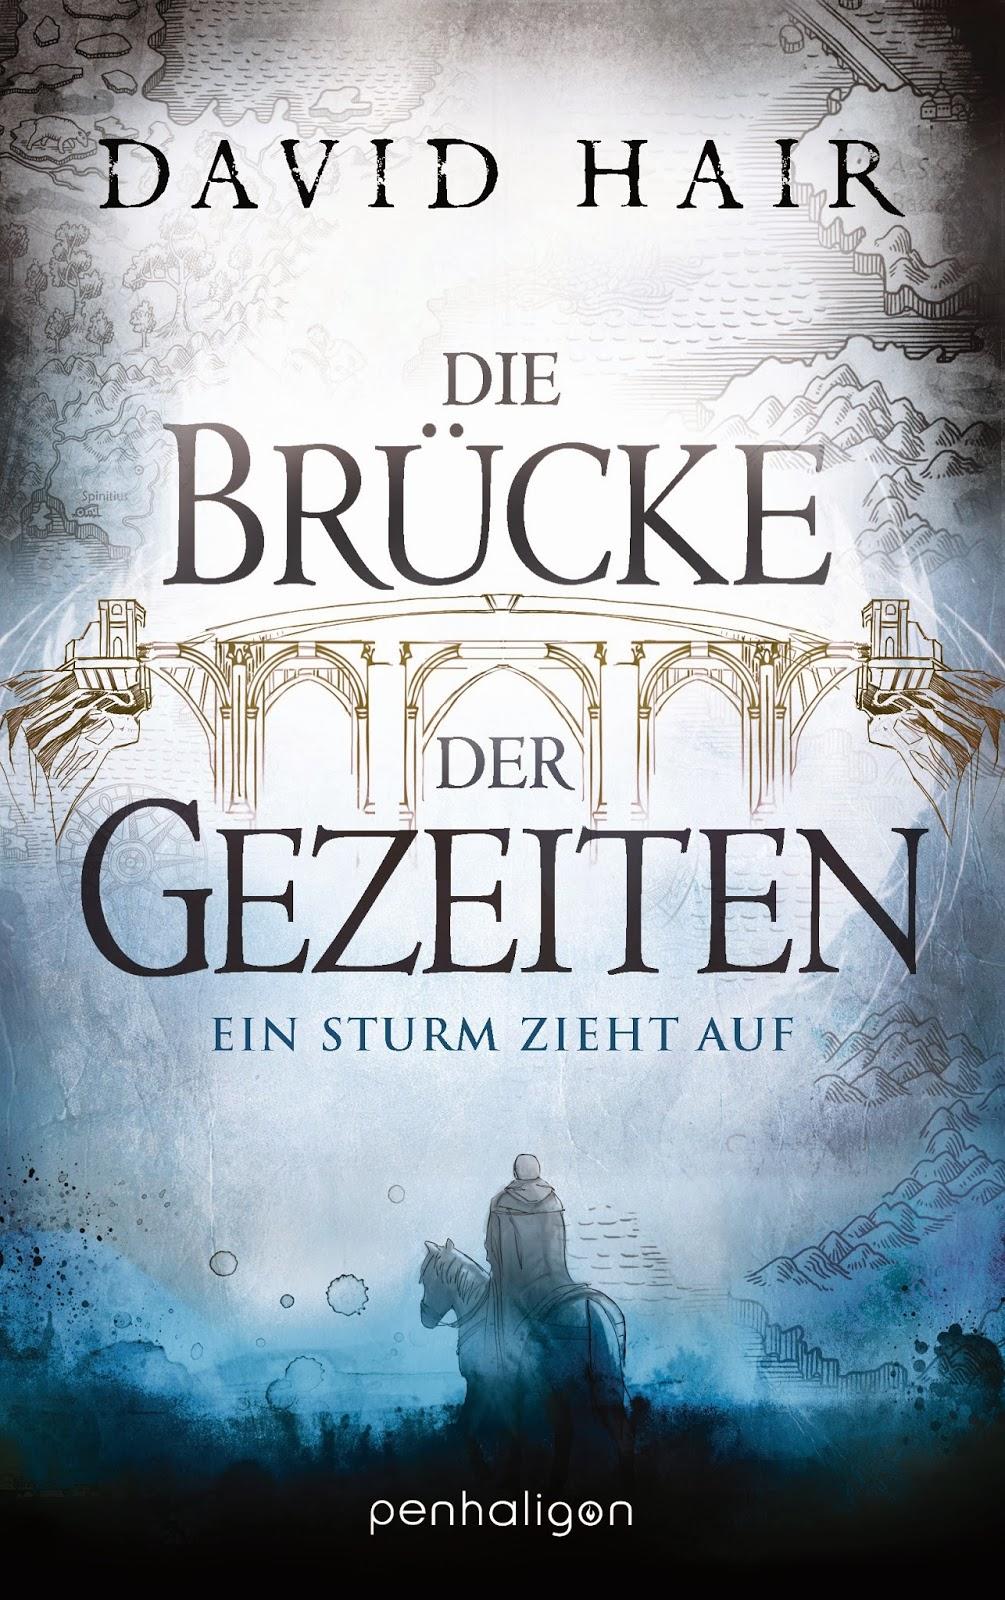 http://www.randomhouse.de/Paperback/Die-Bruecke-der-Gezeiten-1-Ein-Sturm-zieht-auf/David-Hair/e456717.rhd